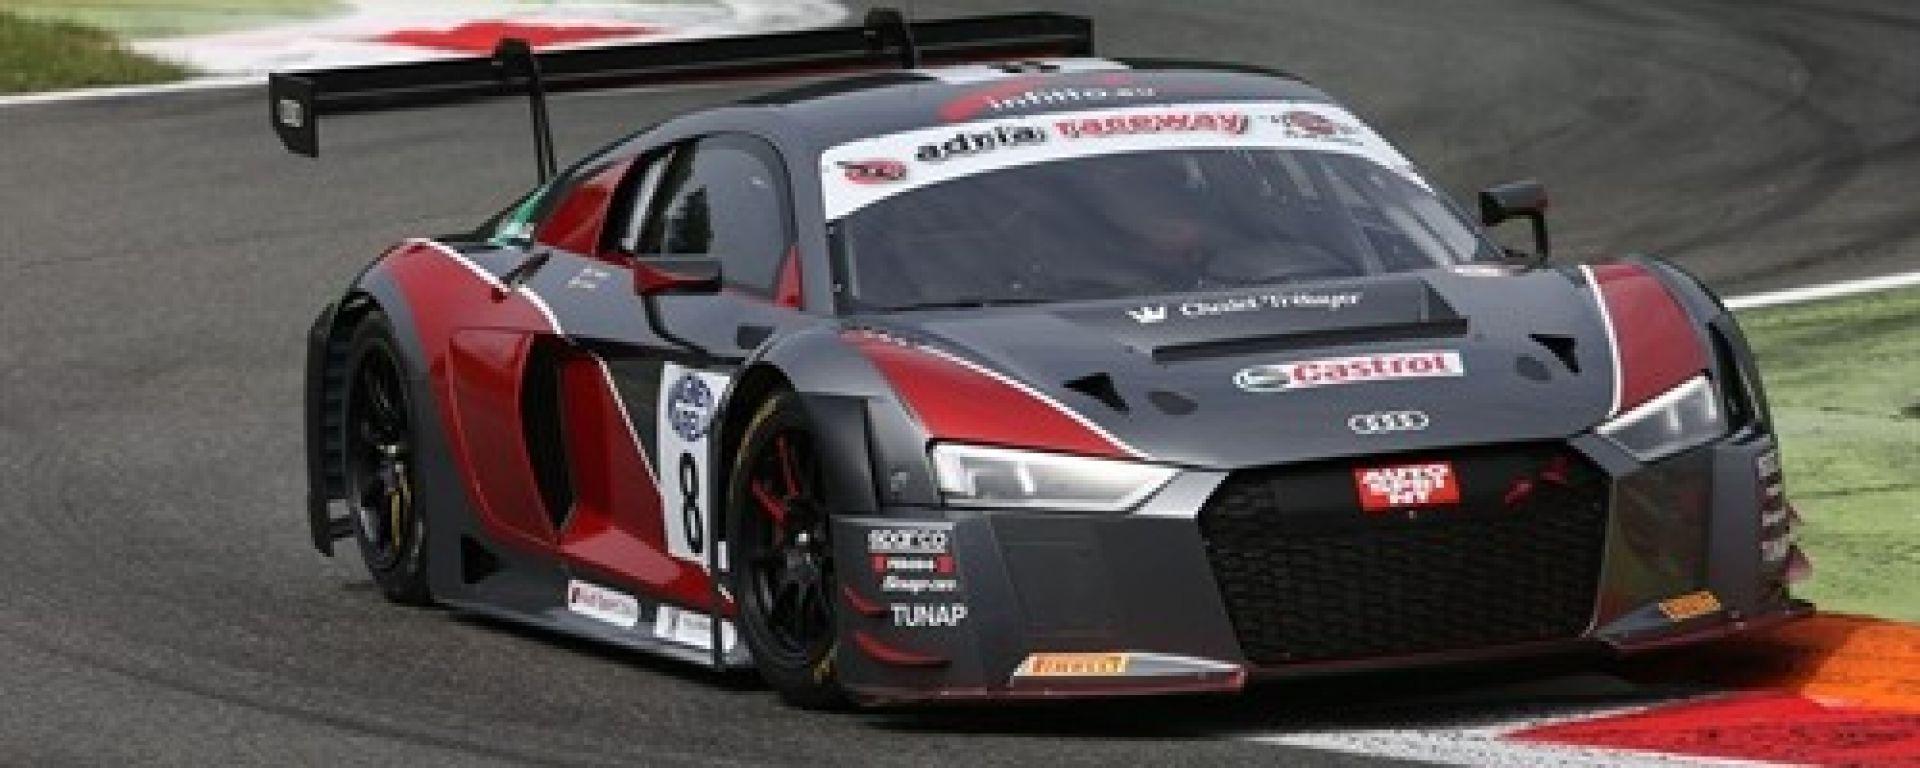 Audi R8 LMS - Campionato Italiano GT, Monza